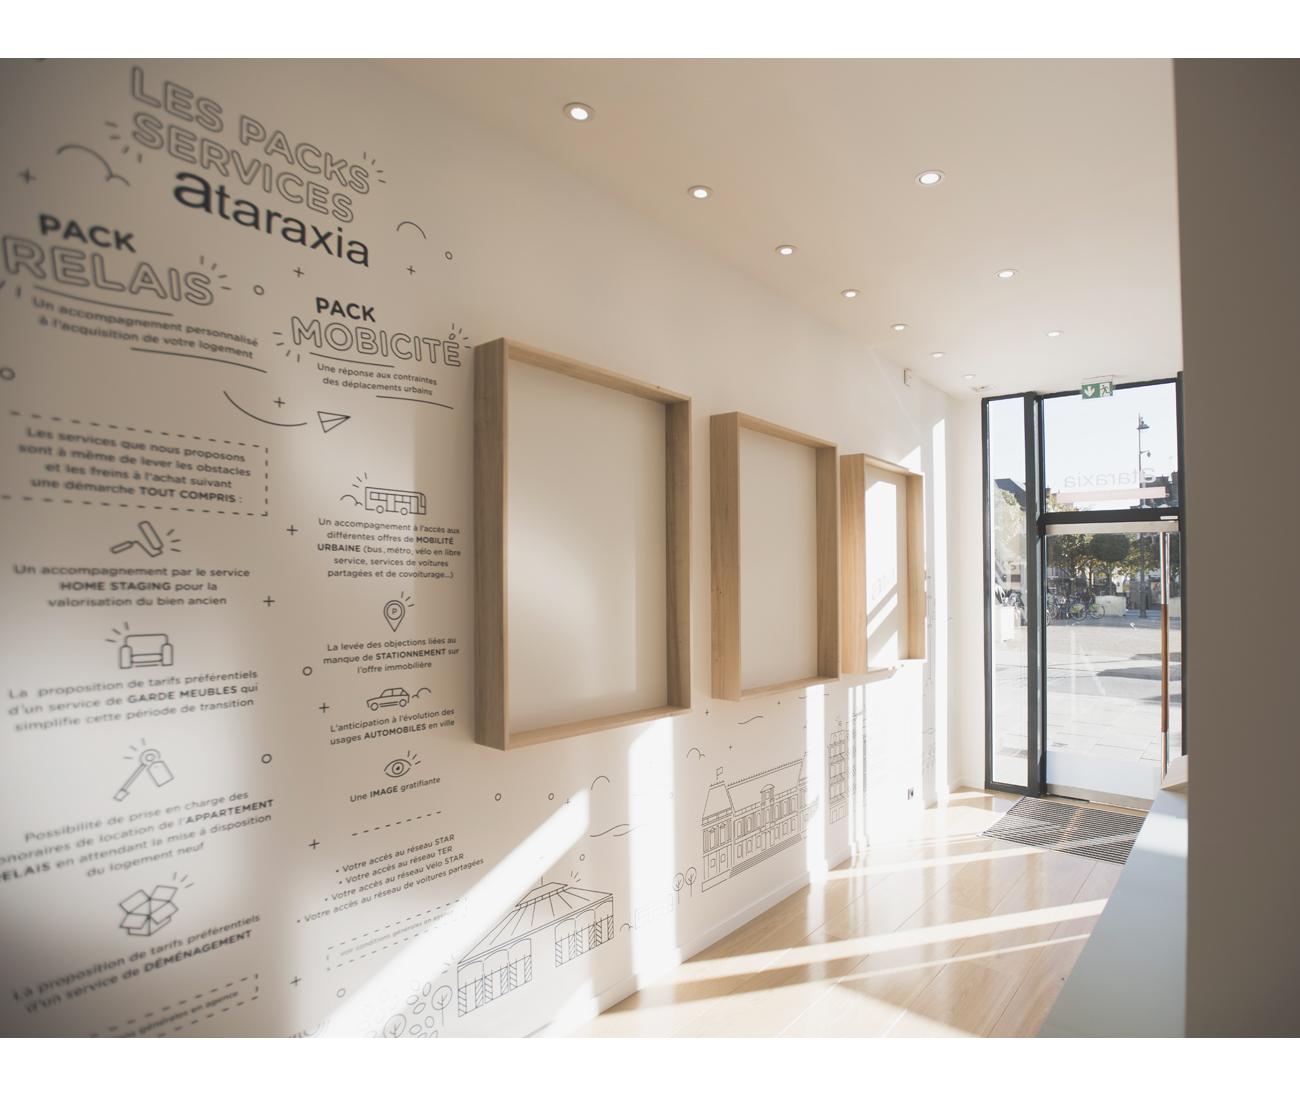 Ataraxia design d'espace